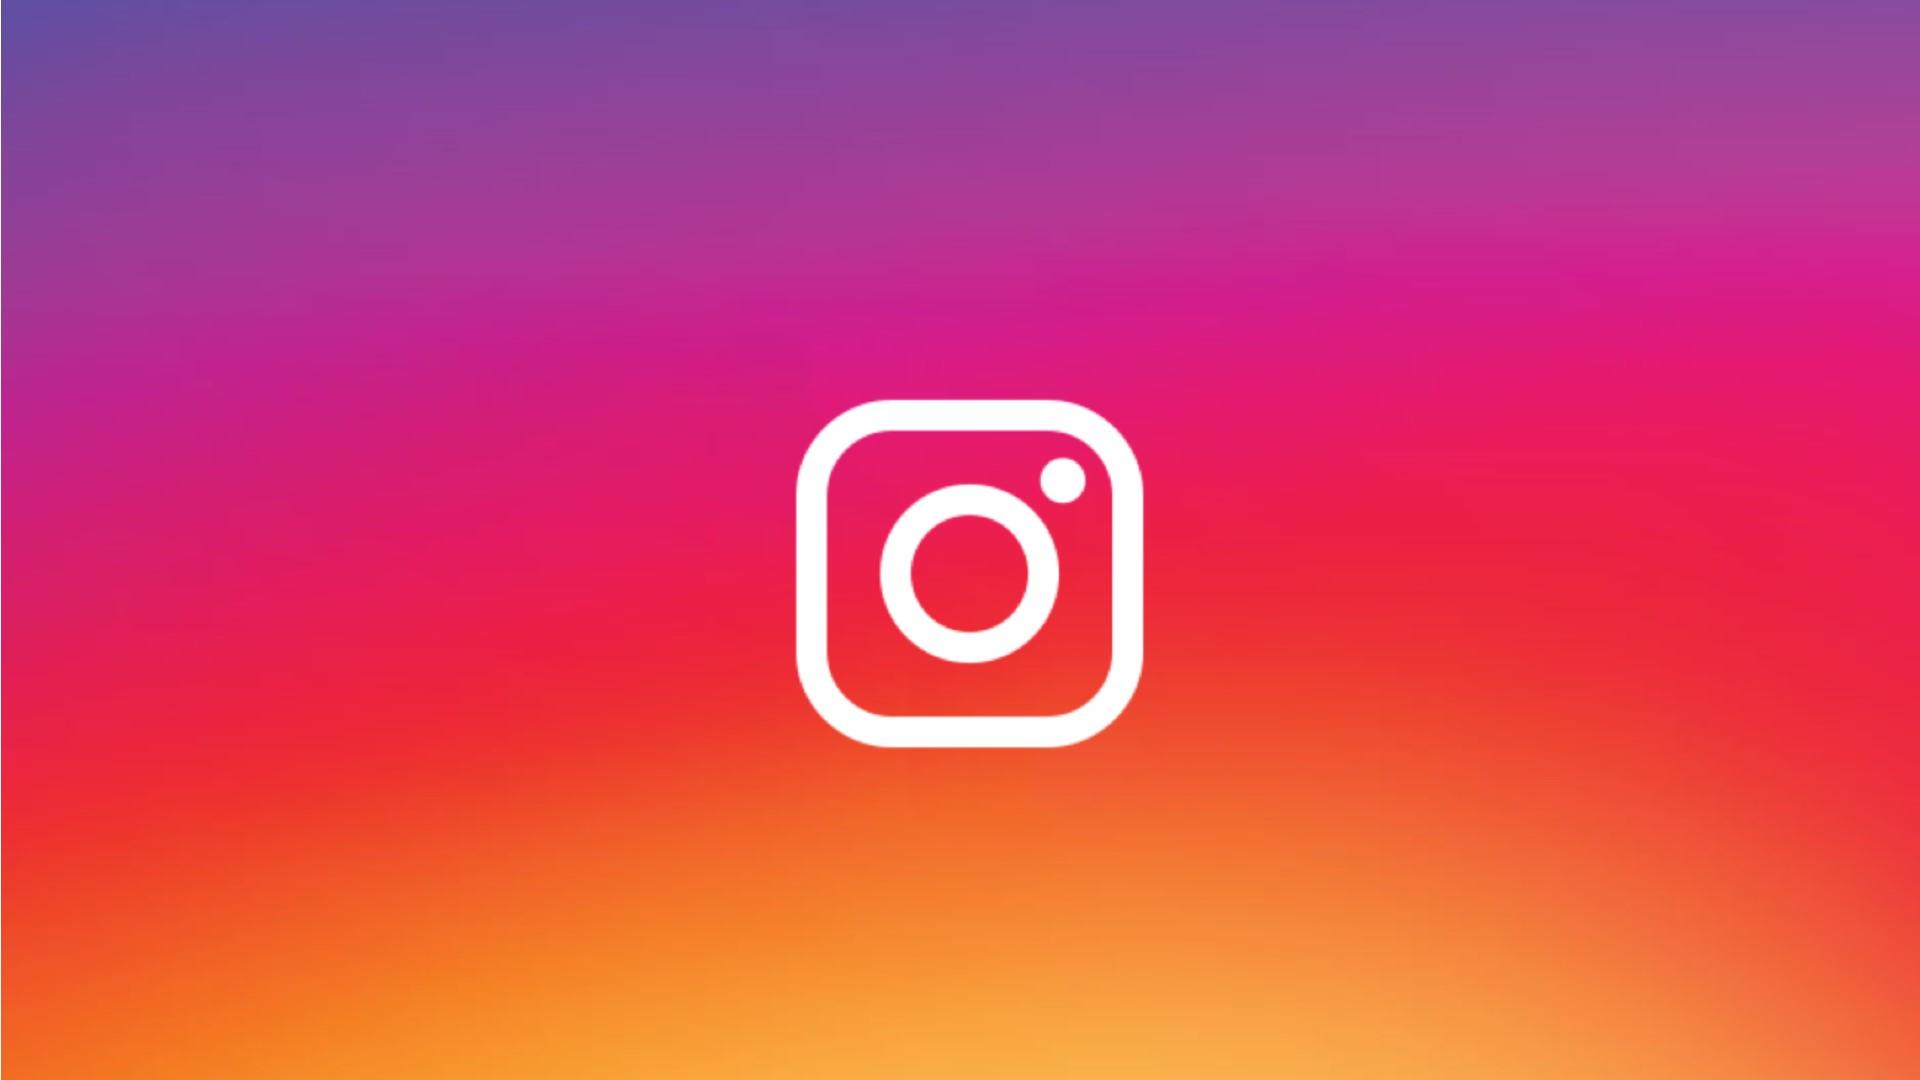 Instagram tente de rendre son outil plus convivial en permettant aux abonnés de chatter avec l'auteur d'une story